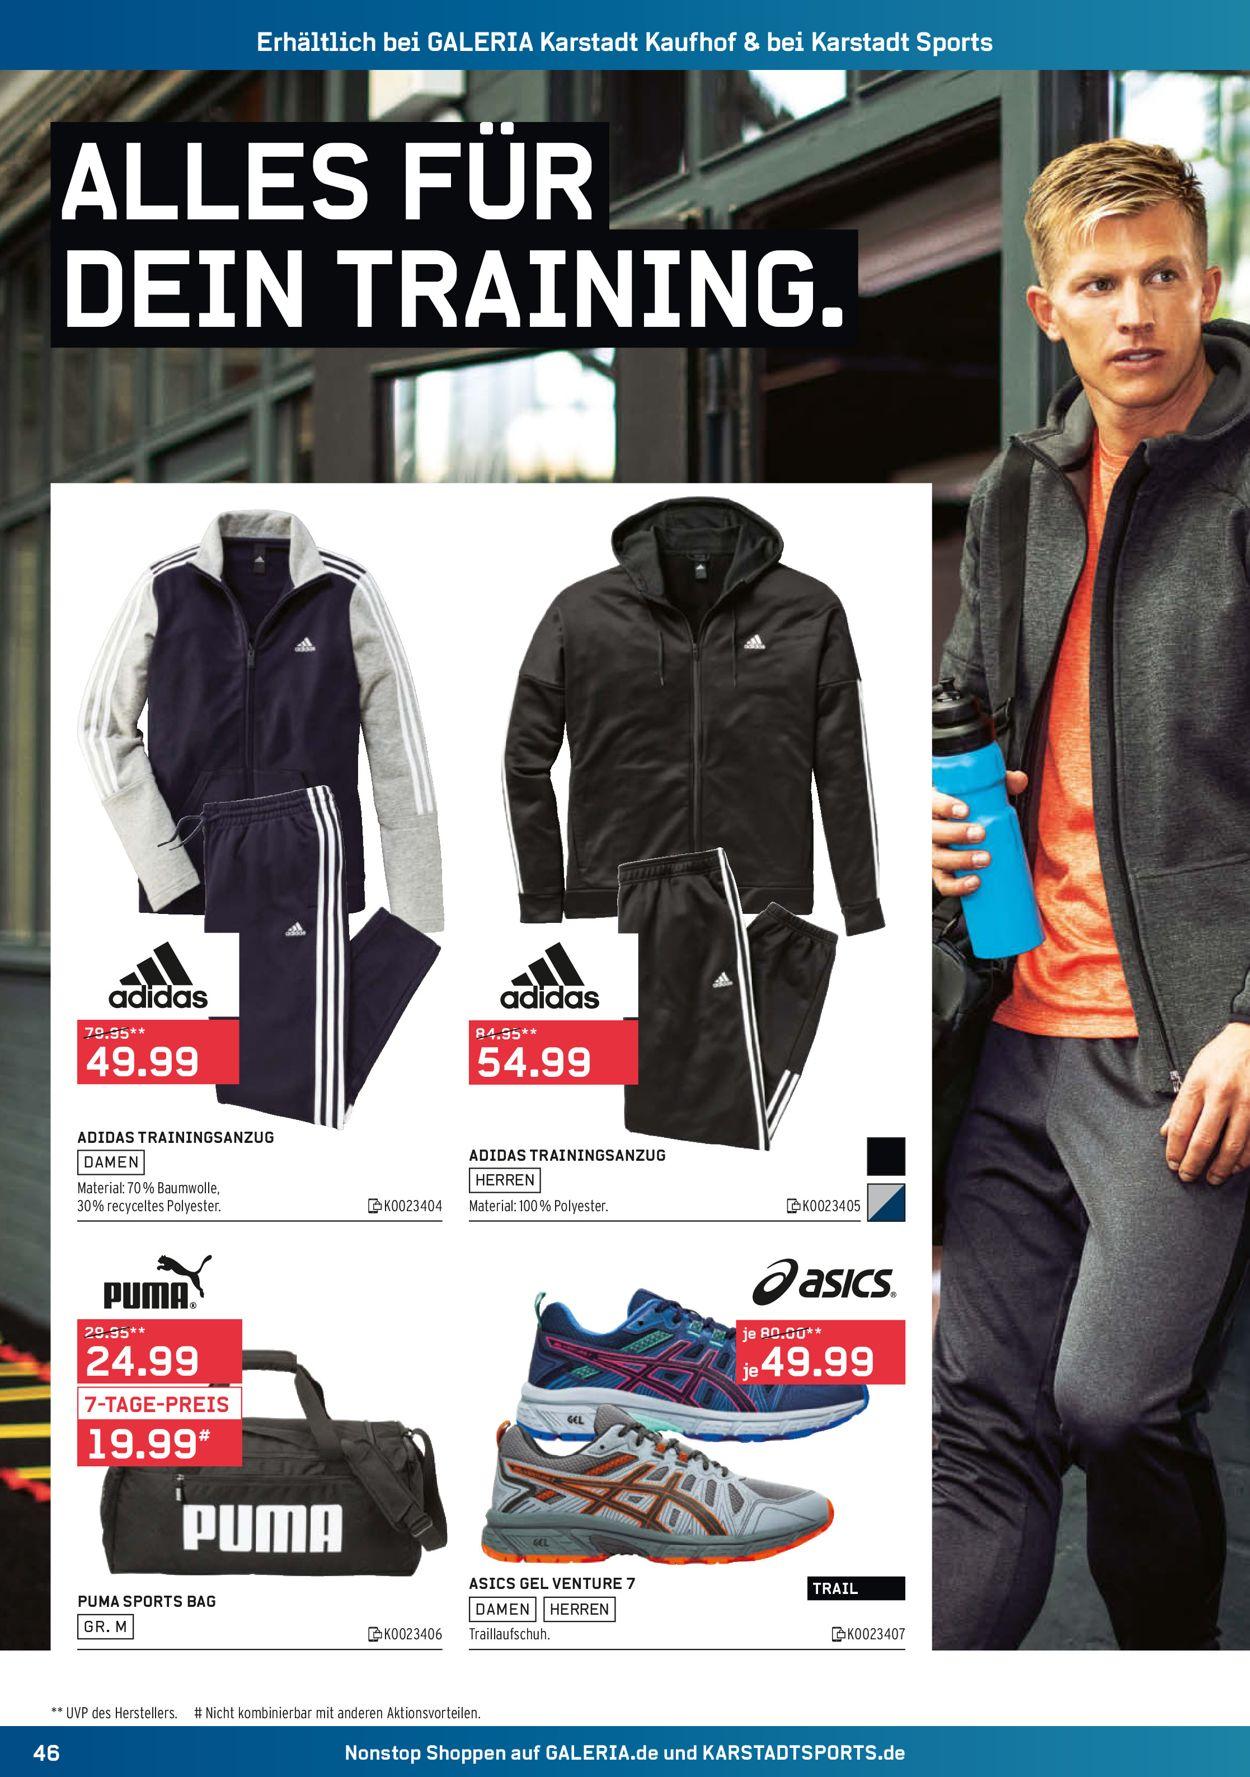 adidas Trainingsjacke TLRD W black 30   GALERIA Karstadt Kaufhof